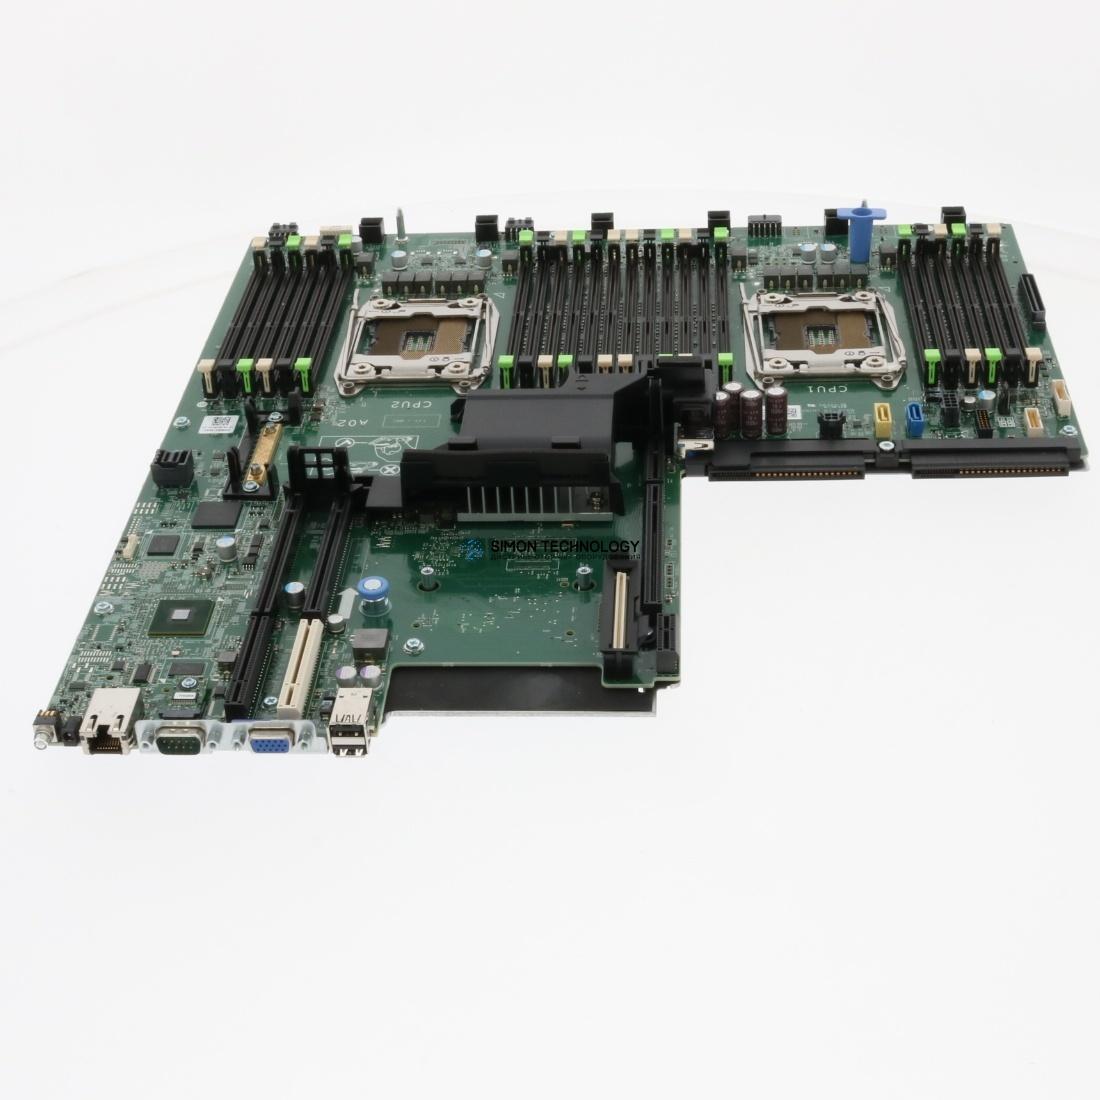 Материнская плата Dell PowerEdge R730 16x2.5 H21J3 Ask for custom qoute (PER730-SFF-16-H21J3)